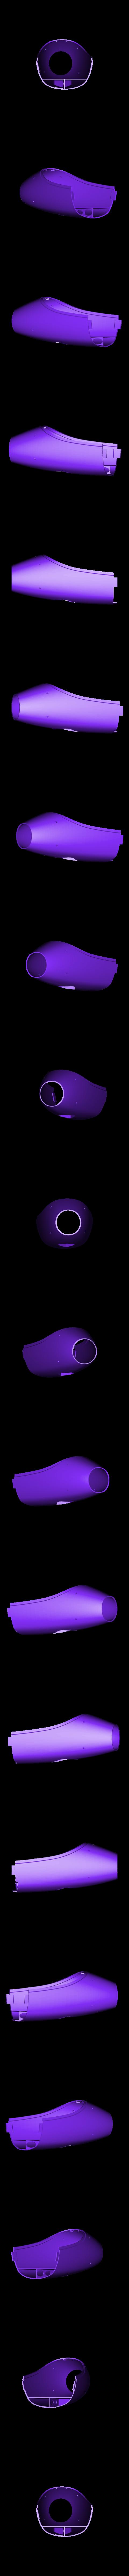 Fus1.stl Télécharger fichier STL gratuit Fuselage de l'avion RC - Eclipson modèle Z • Plan imprimable en 3D, Eclipson